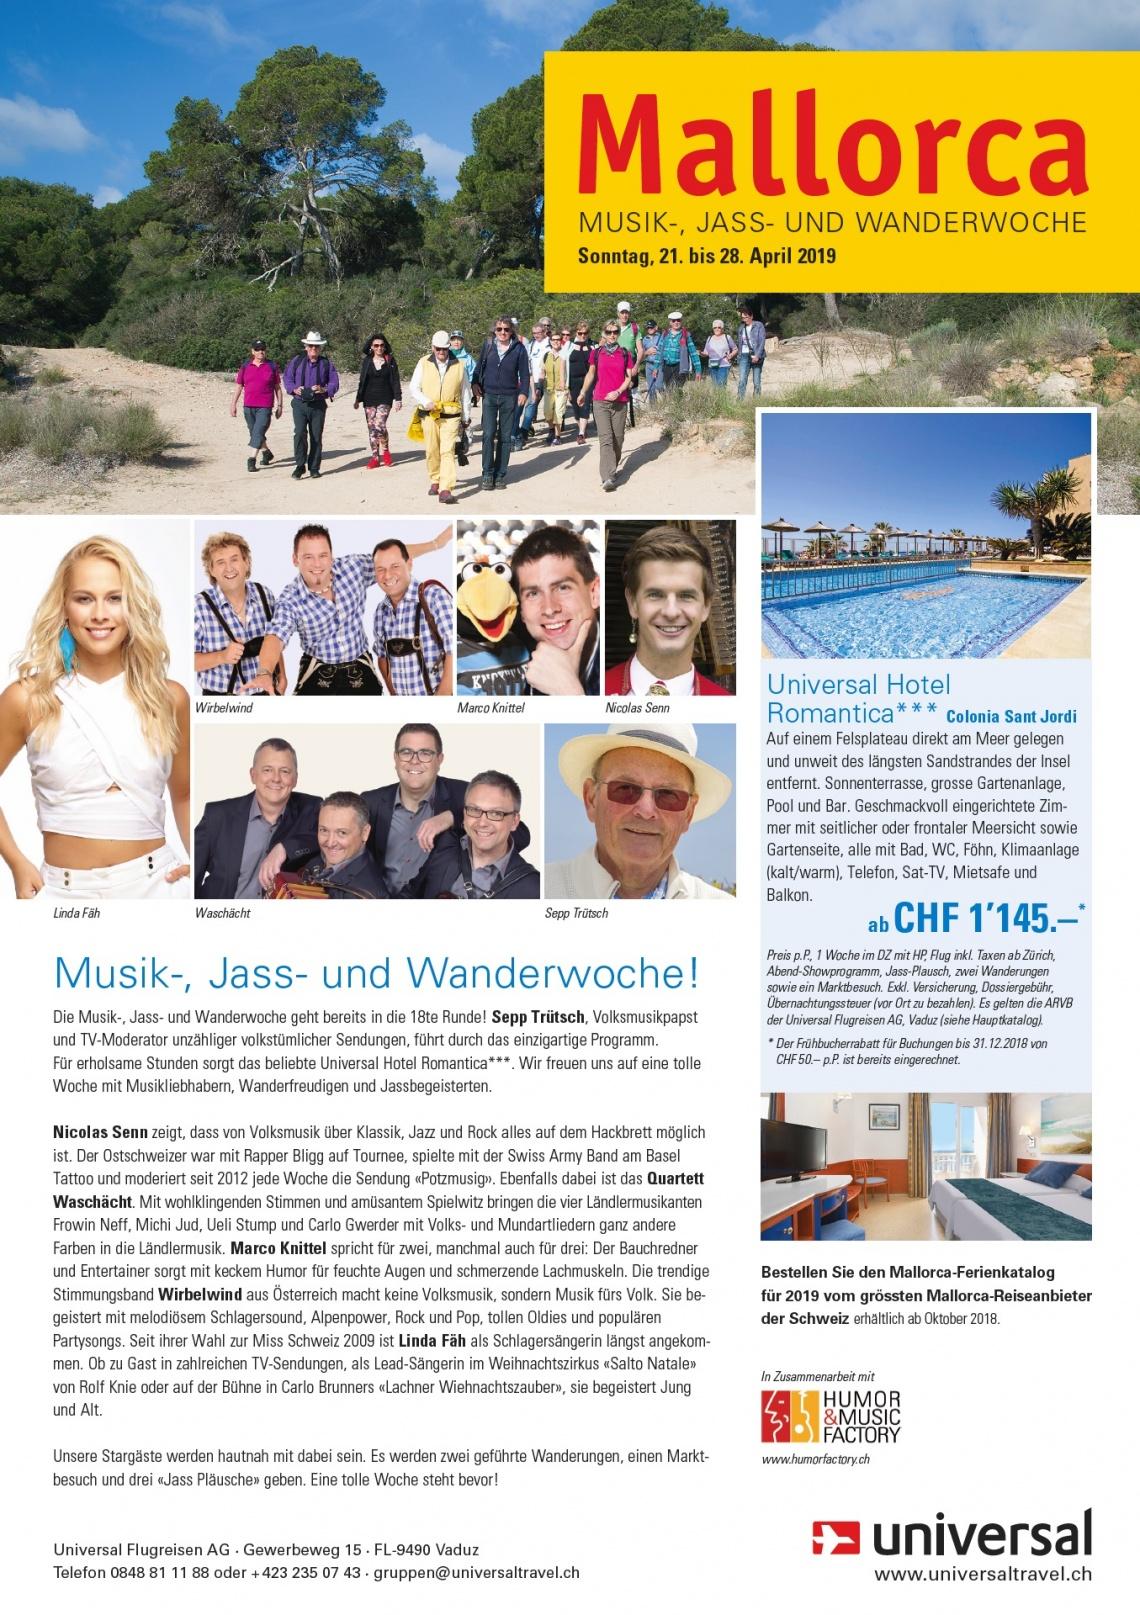 Musik-, Jass- & Wanderwoche mit Sepp Trütsch, Linda Fäh u.v.m., Hotel Romantica (Sonntag, 21.04.2019 bis Samstag, 27.04.2019)